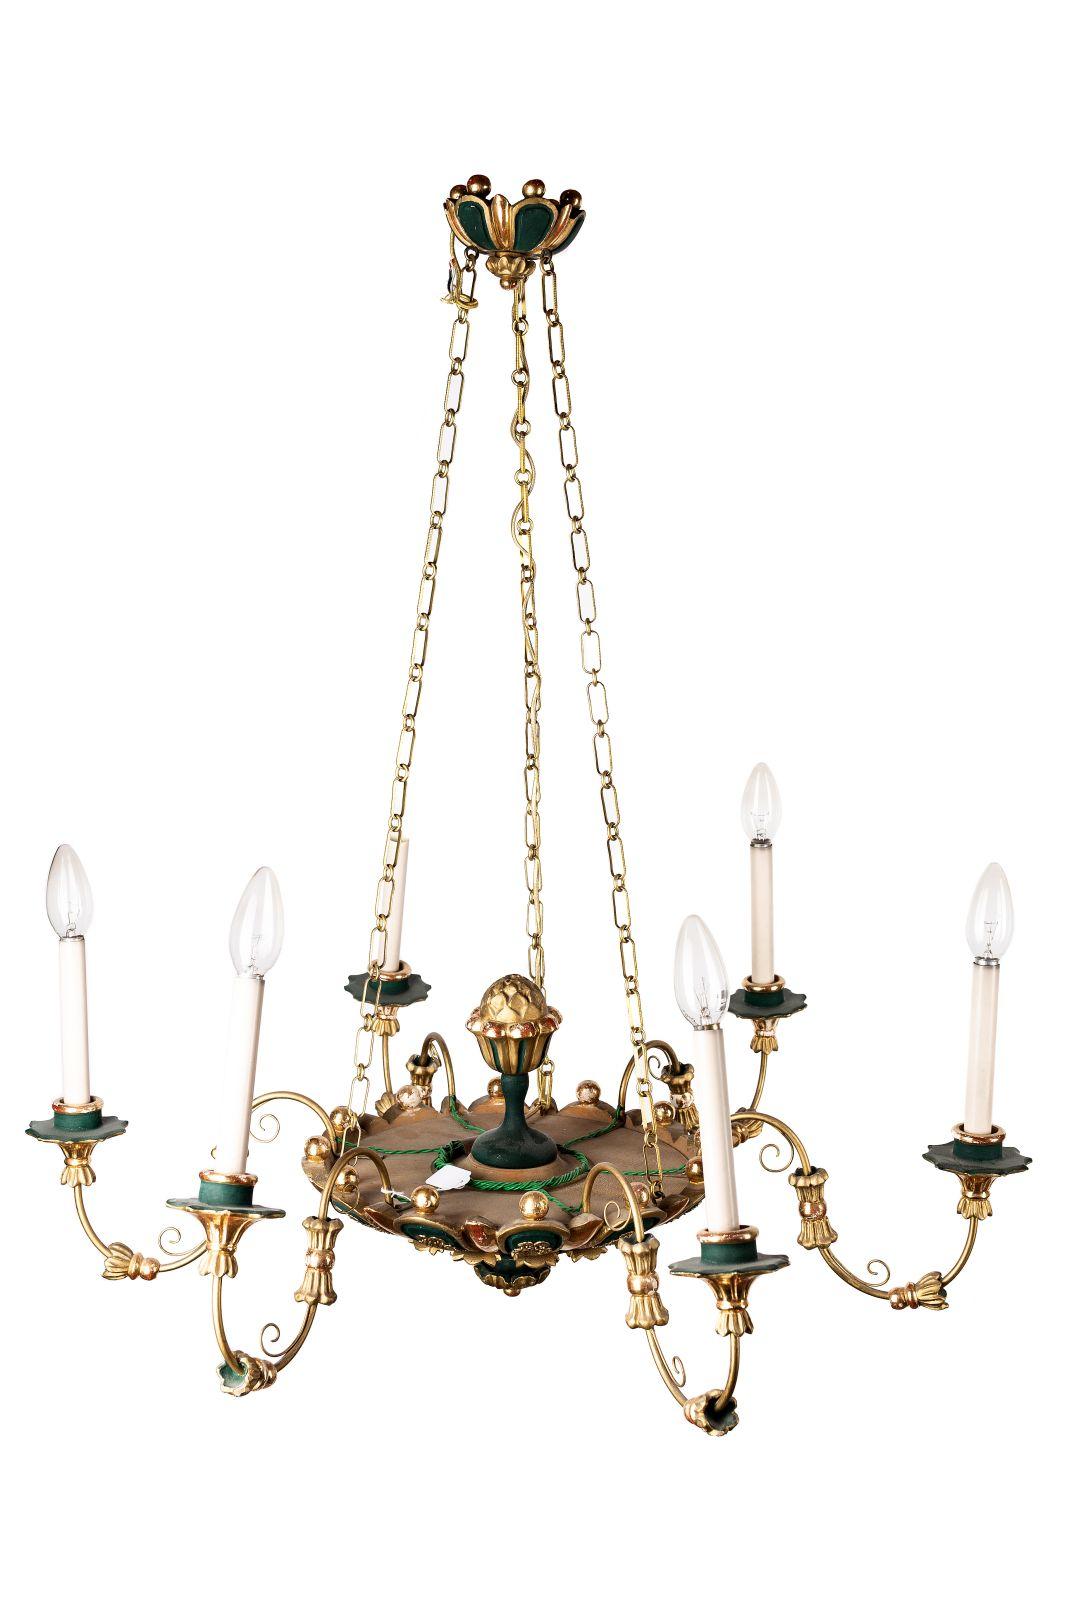 #169 6-armed Biedermeier chandelier   6-armiger Biedermeier Luster Image